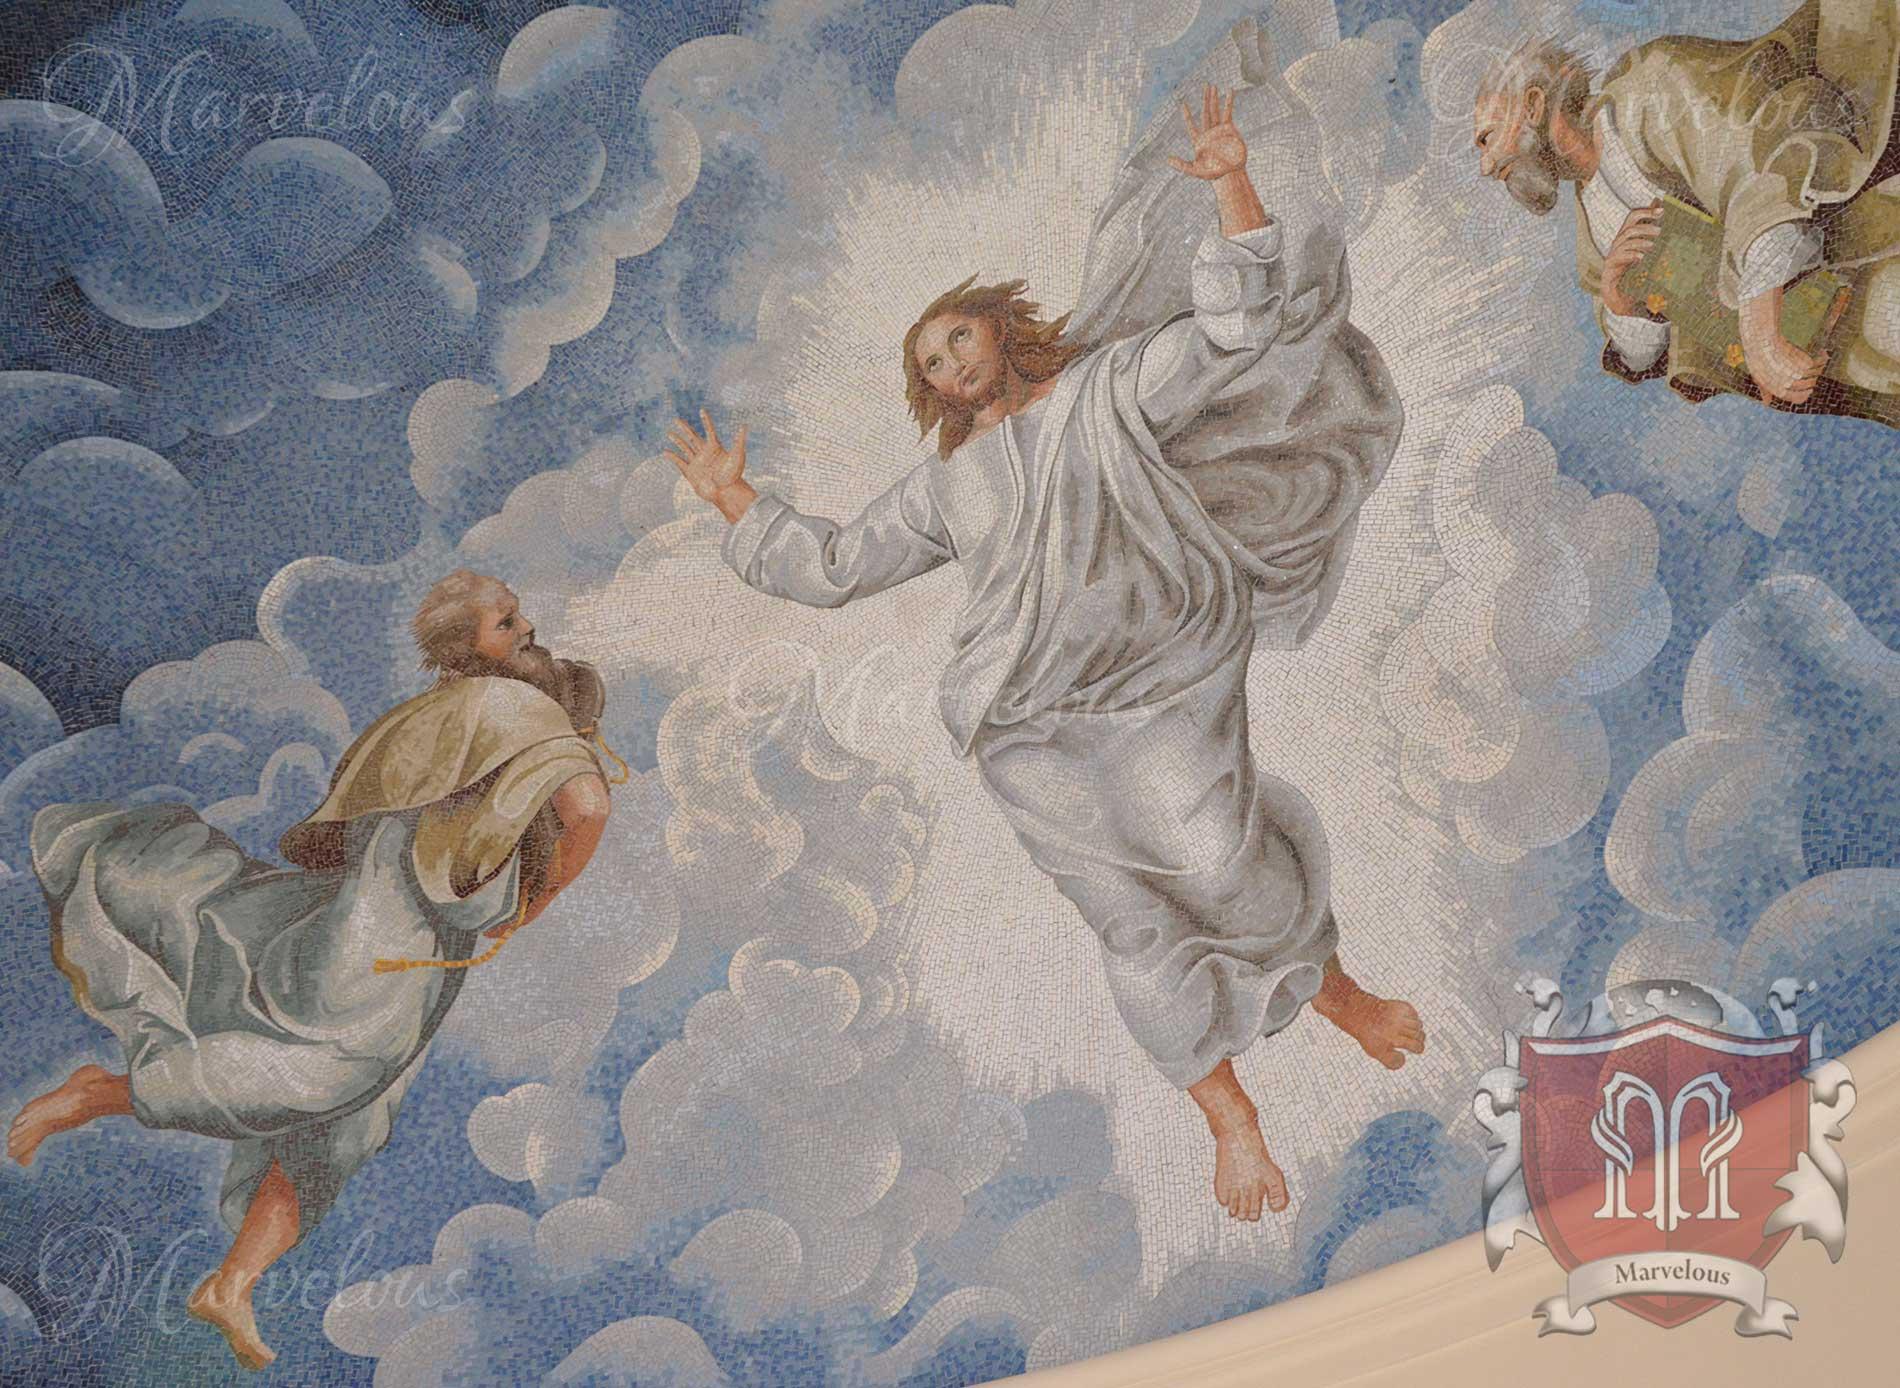 Marble Religious Mosaic: Risurrezione